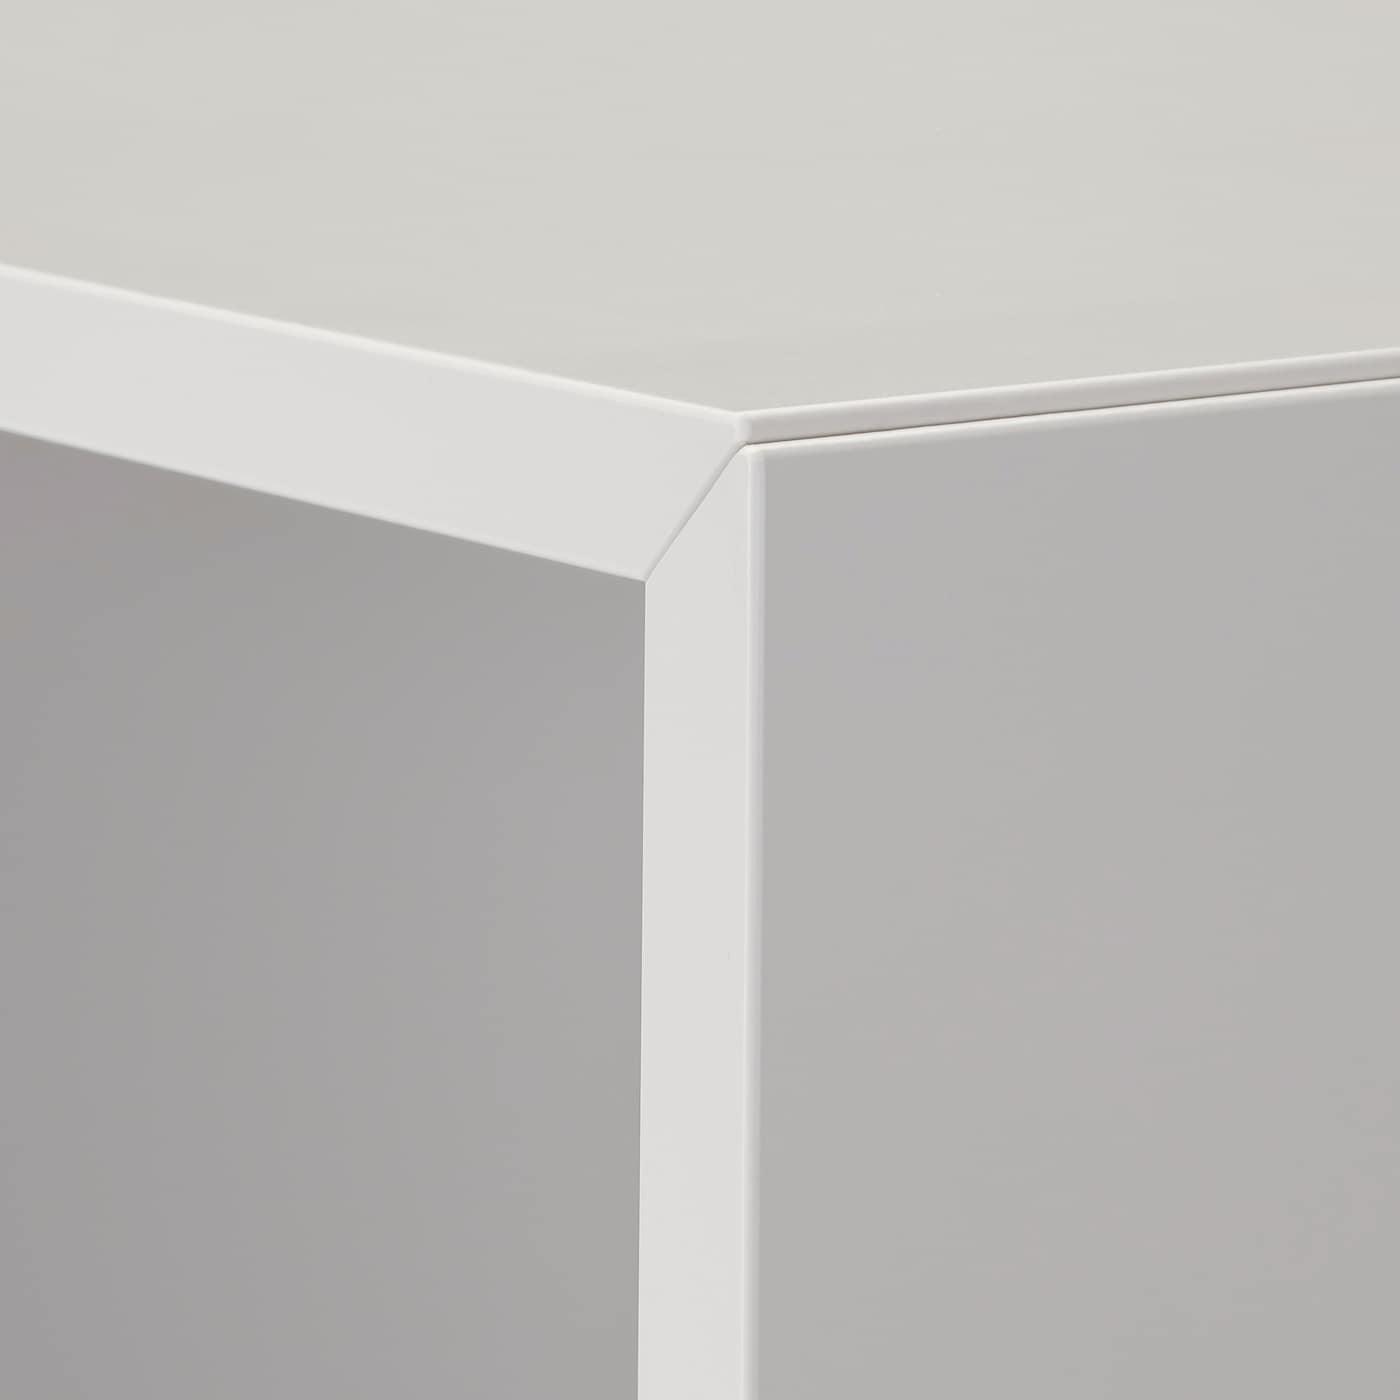 EKET Väggmonterad skåpkombination, vit/mörkgrå/ljusgrå, 175x35x210 cm